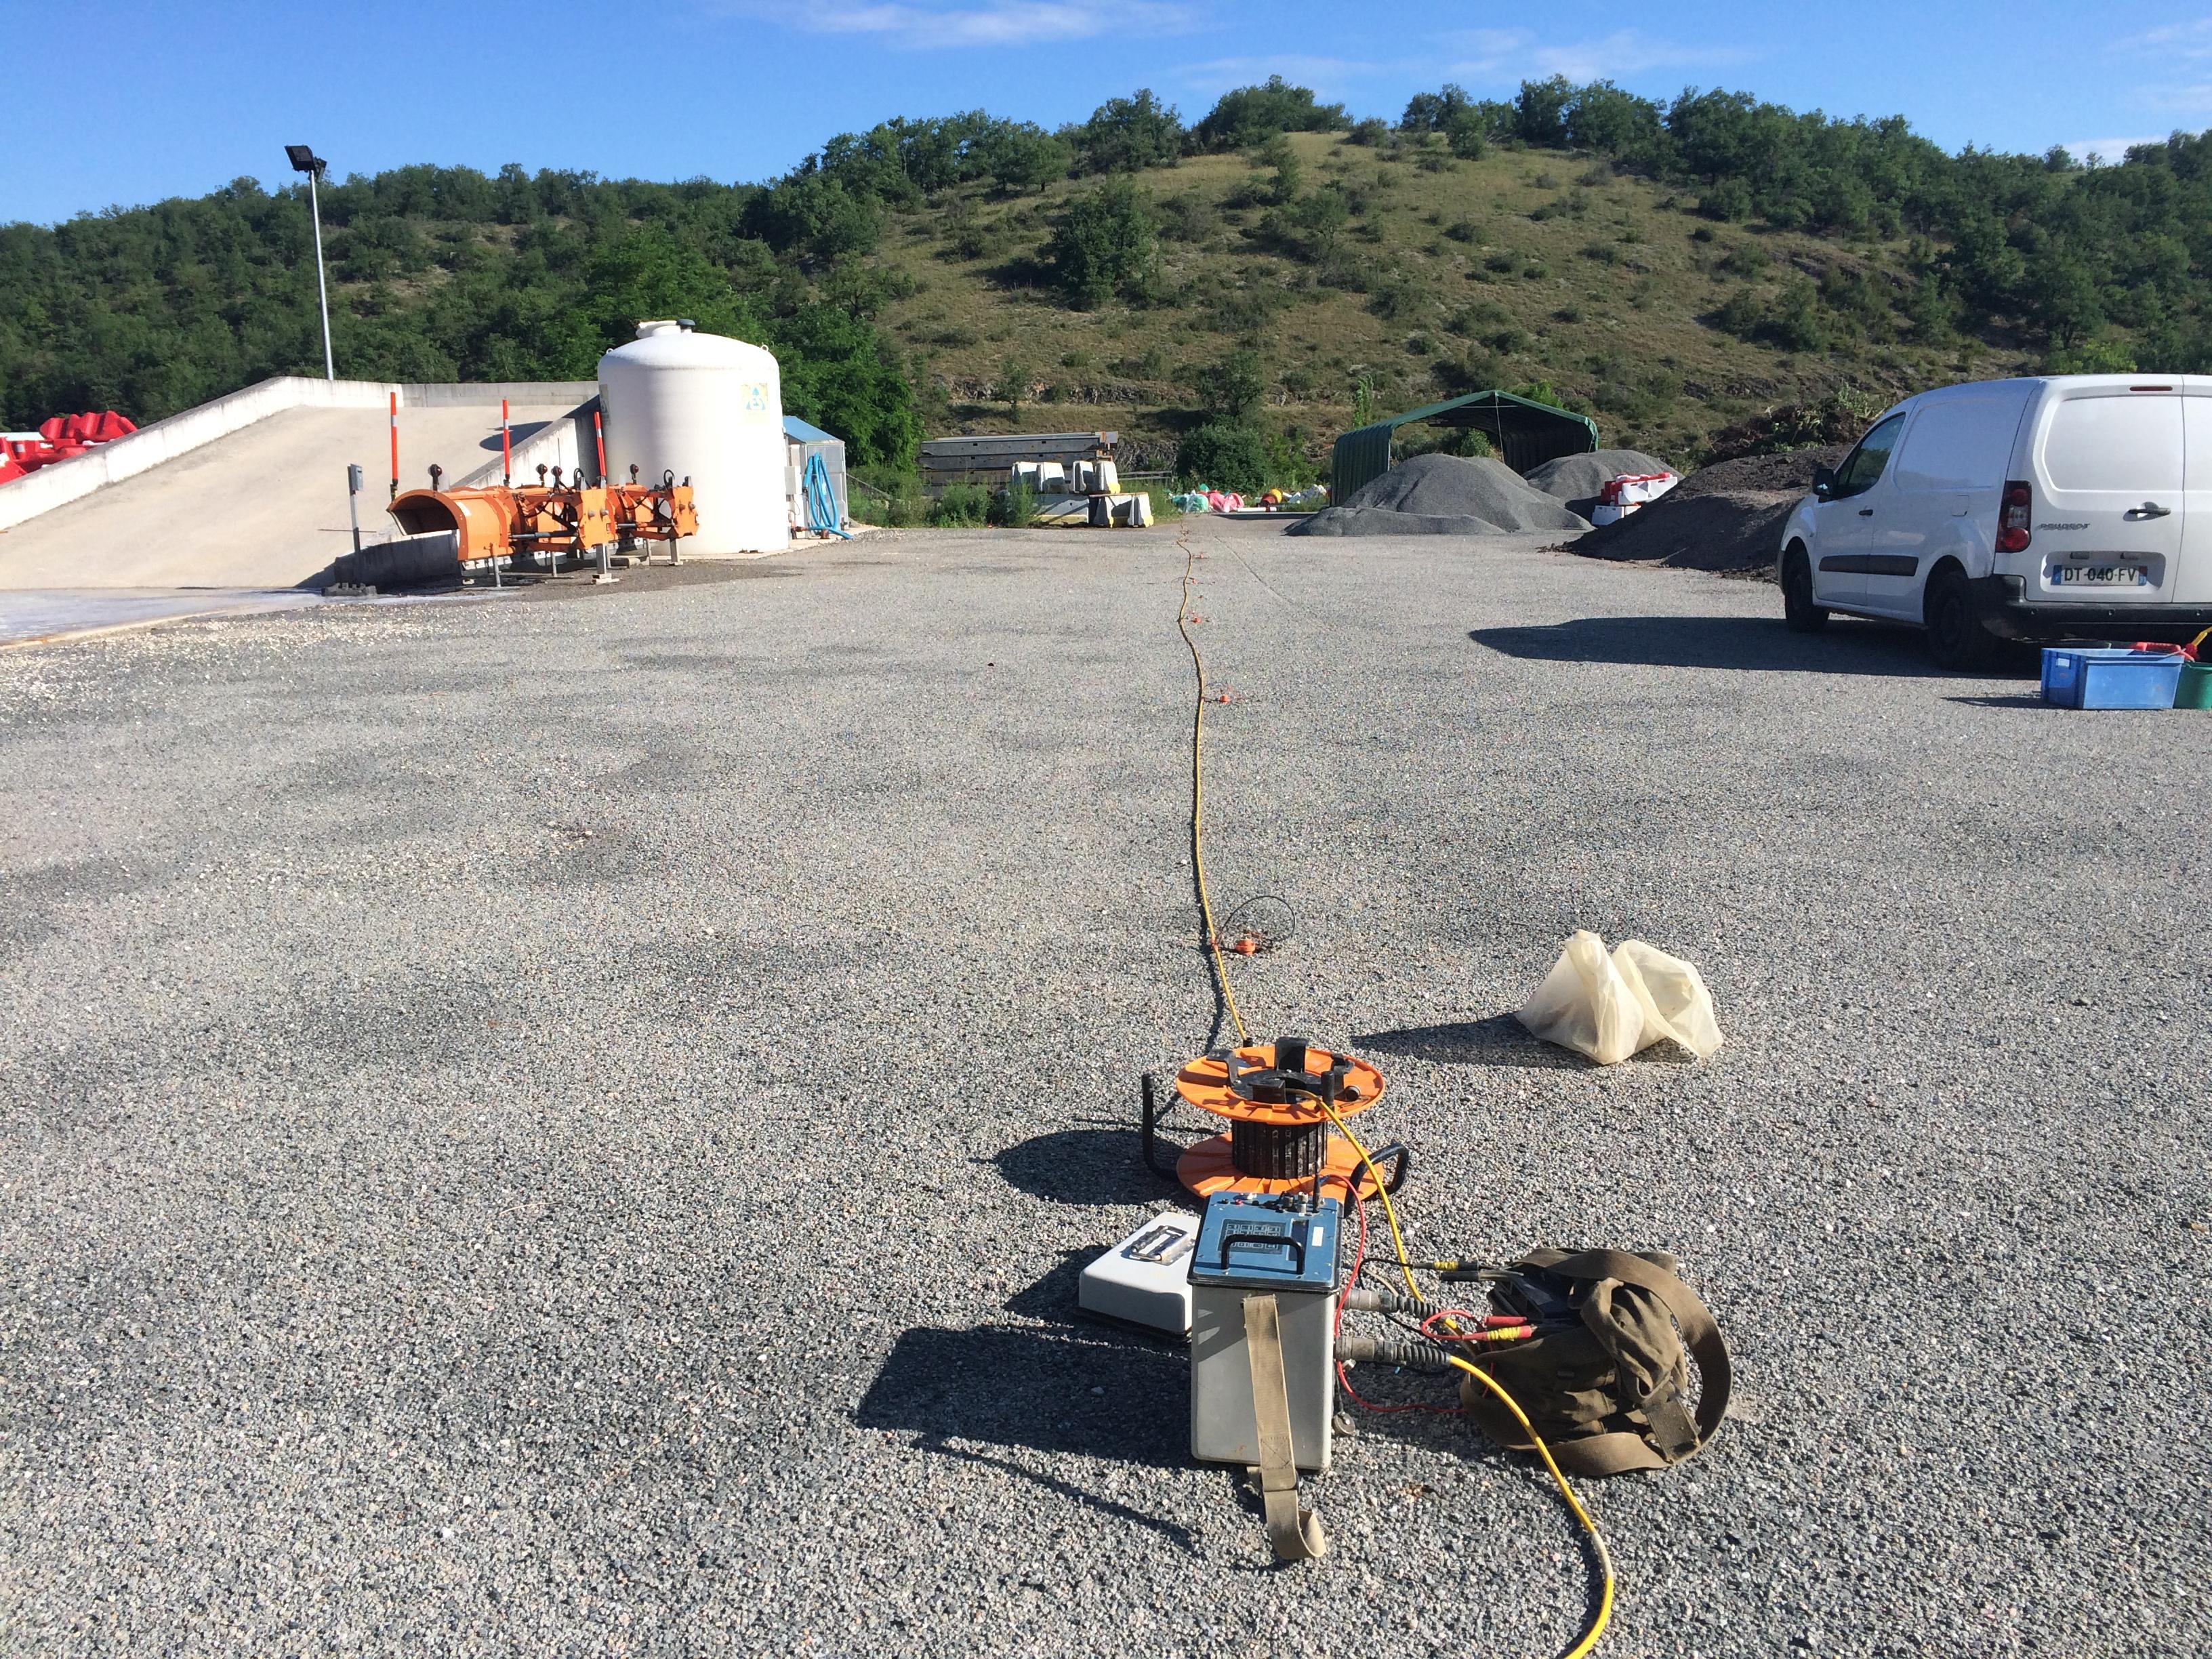 Investigation géophysique sur une ancienne décharge sise sur l'agglomération de Cahors (46)